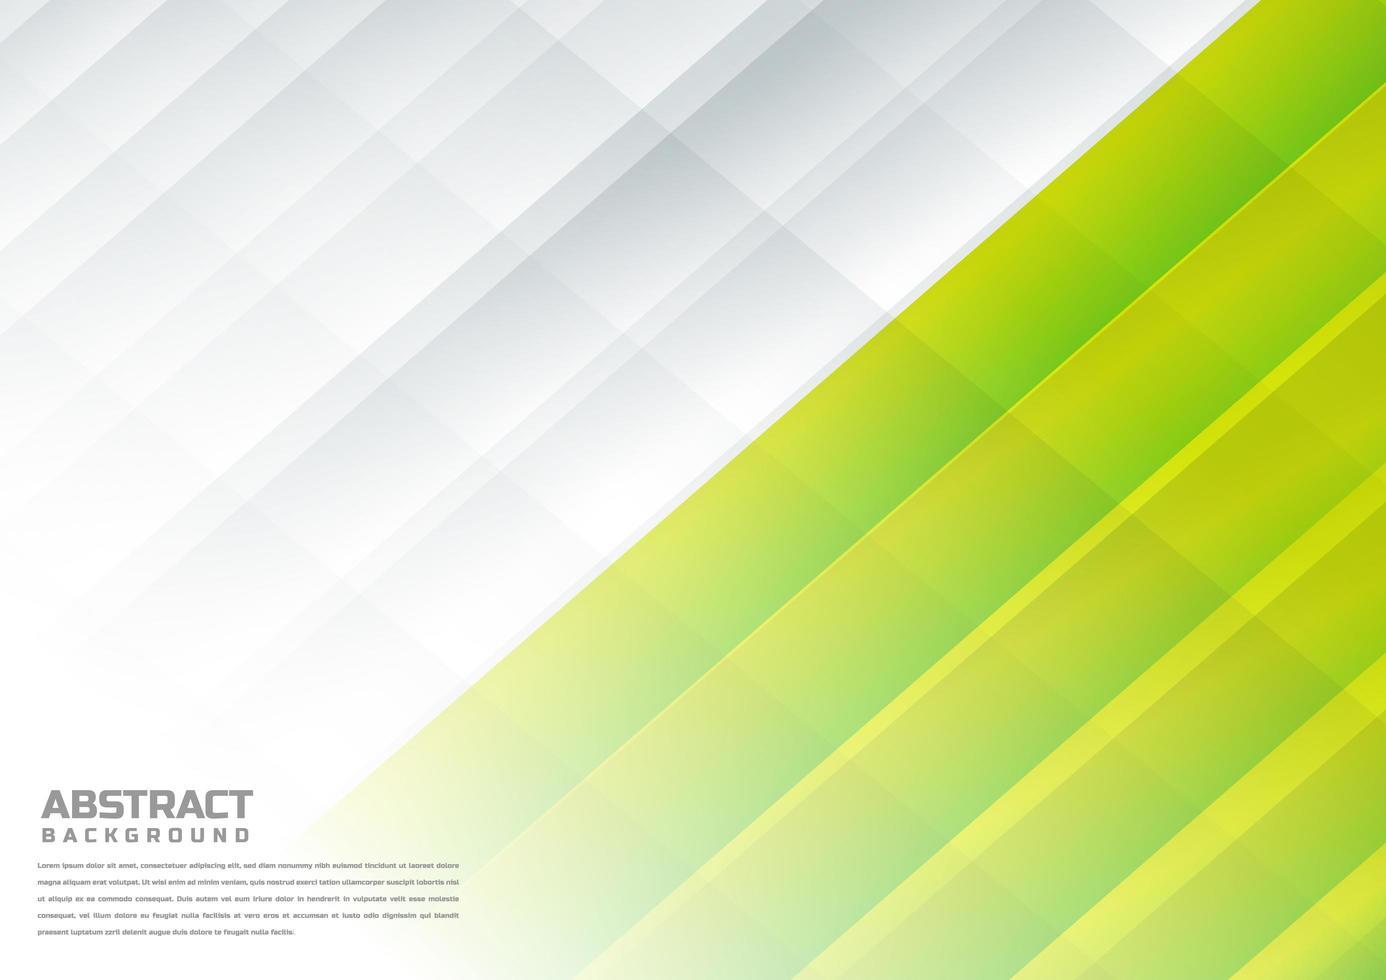 abstraktes diagonales Weiß, Zitronengrün auf Hintergrund. vektor